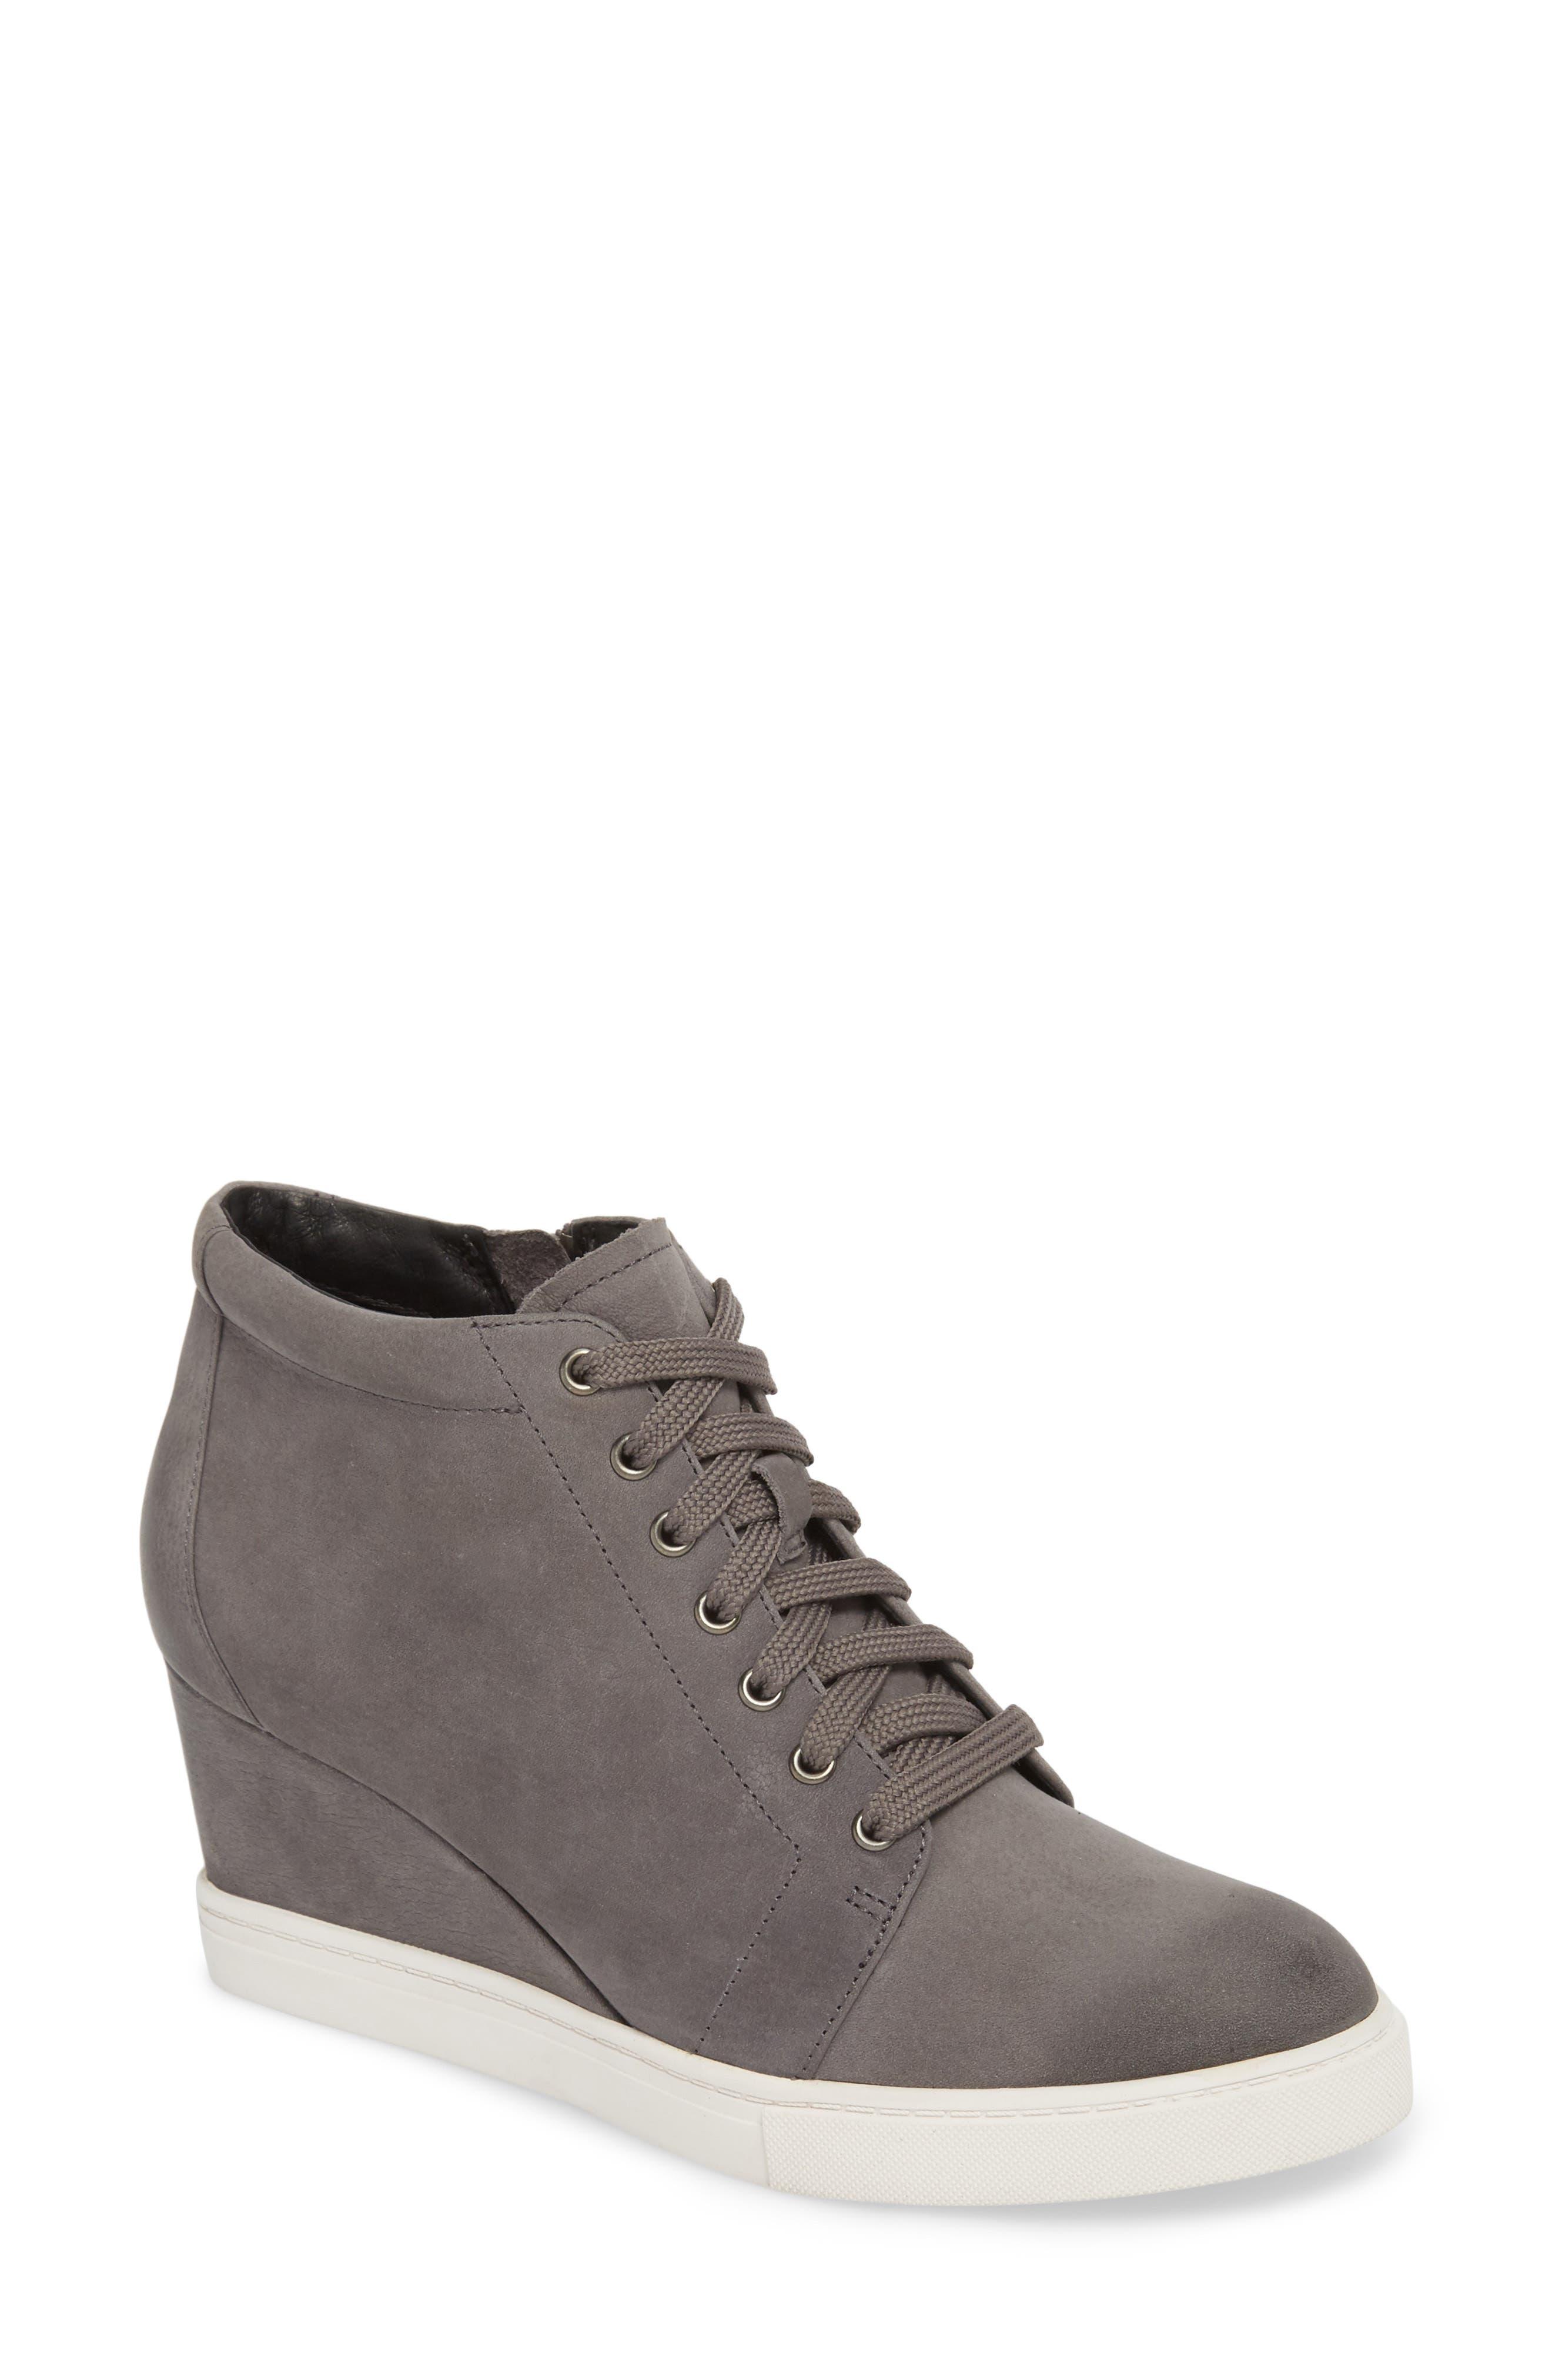 Caslon Women's Caslon Axel Wedge Sneaker